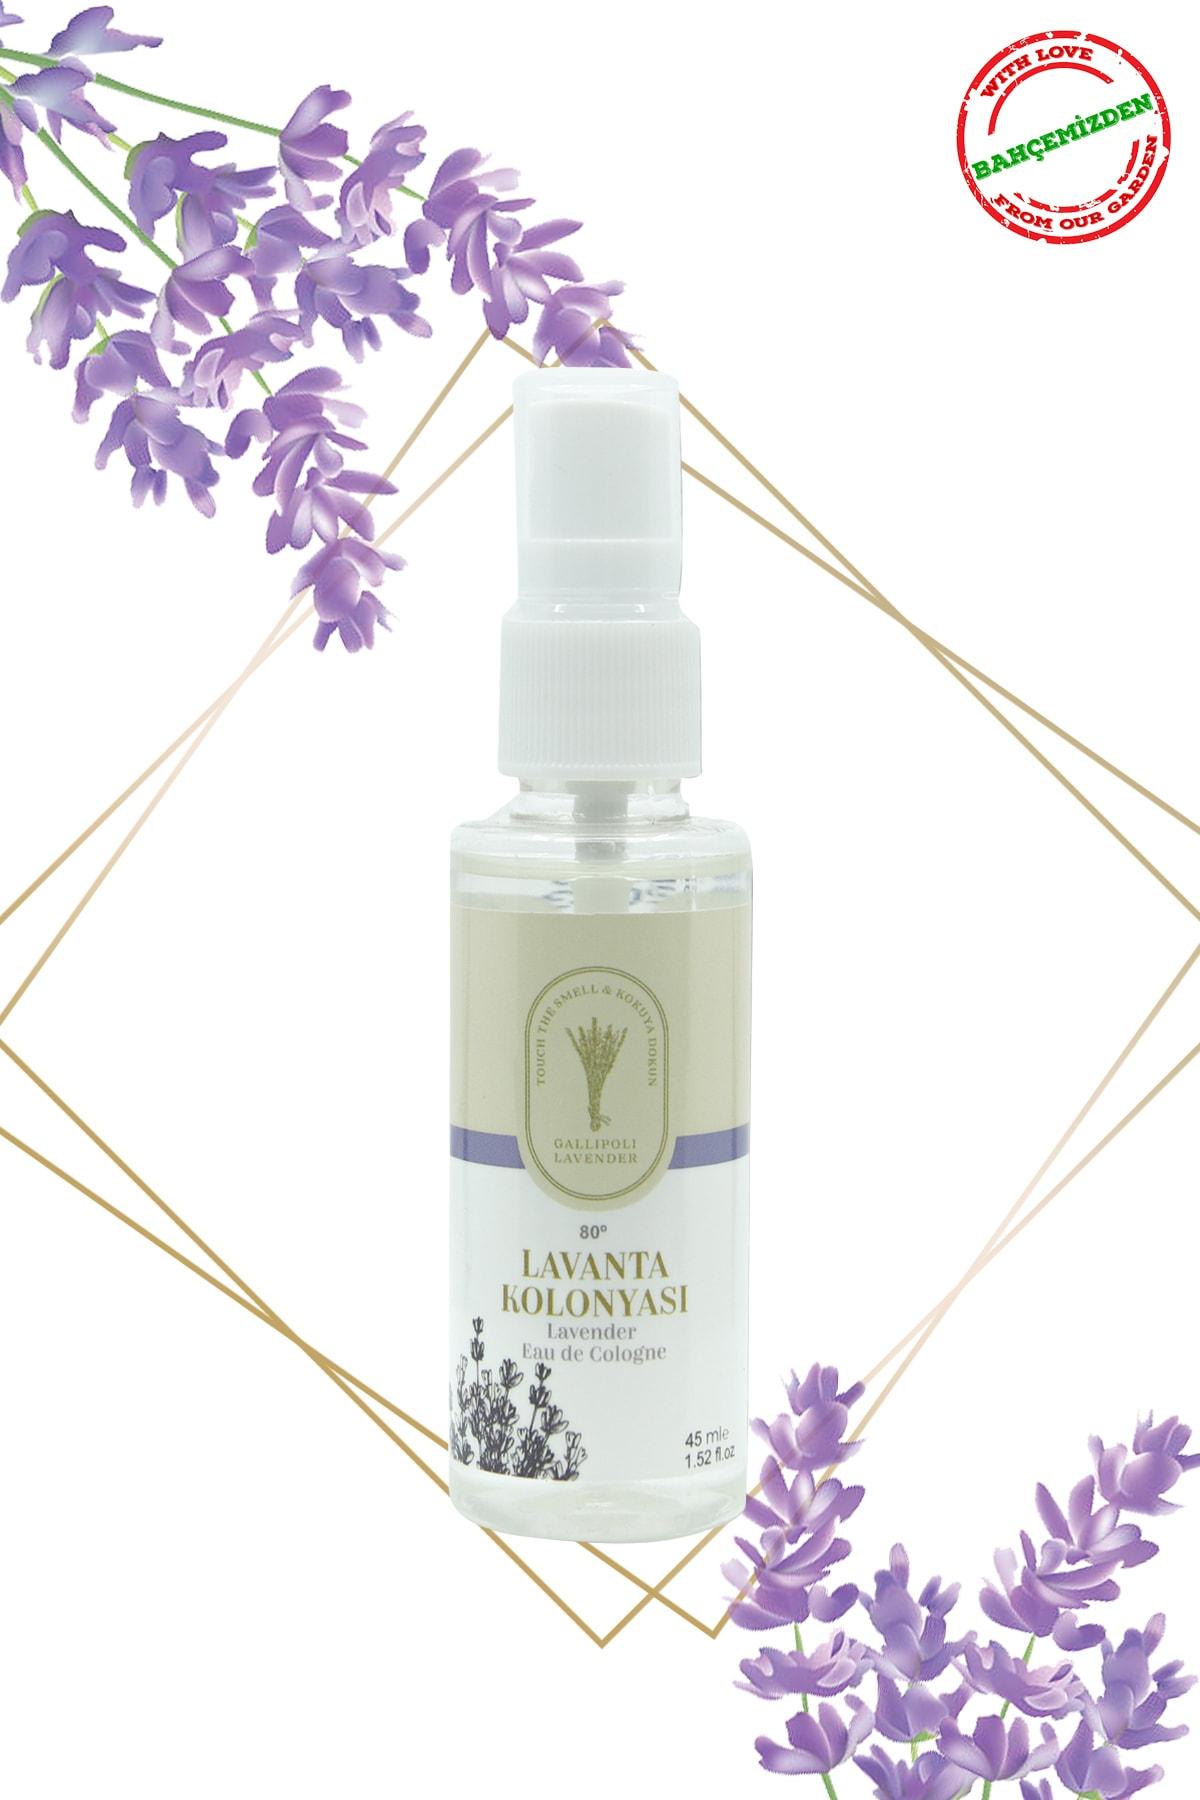 Gallipoli Lavender Lavanta Yağlı Kolonya 80 Derece Sprey 45 ml Lavanta Kolonyası 5 Adet 2